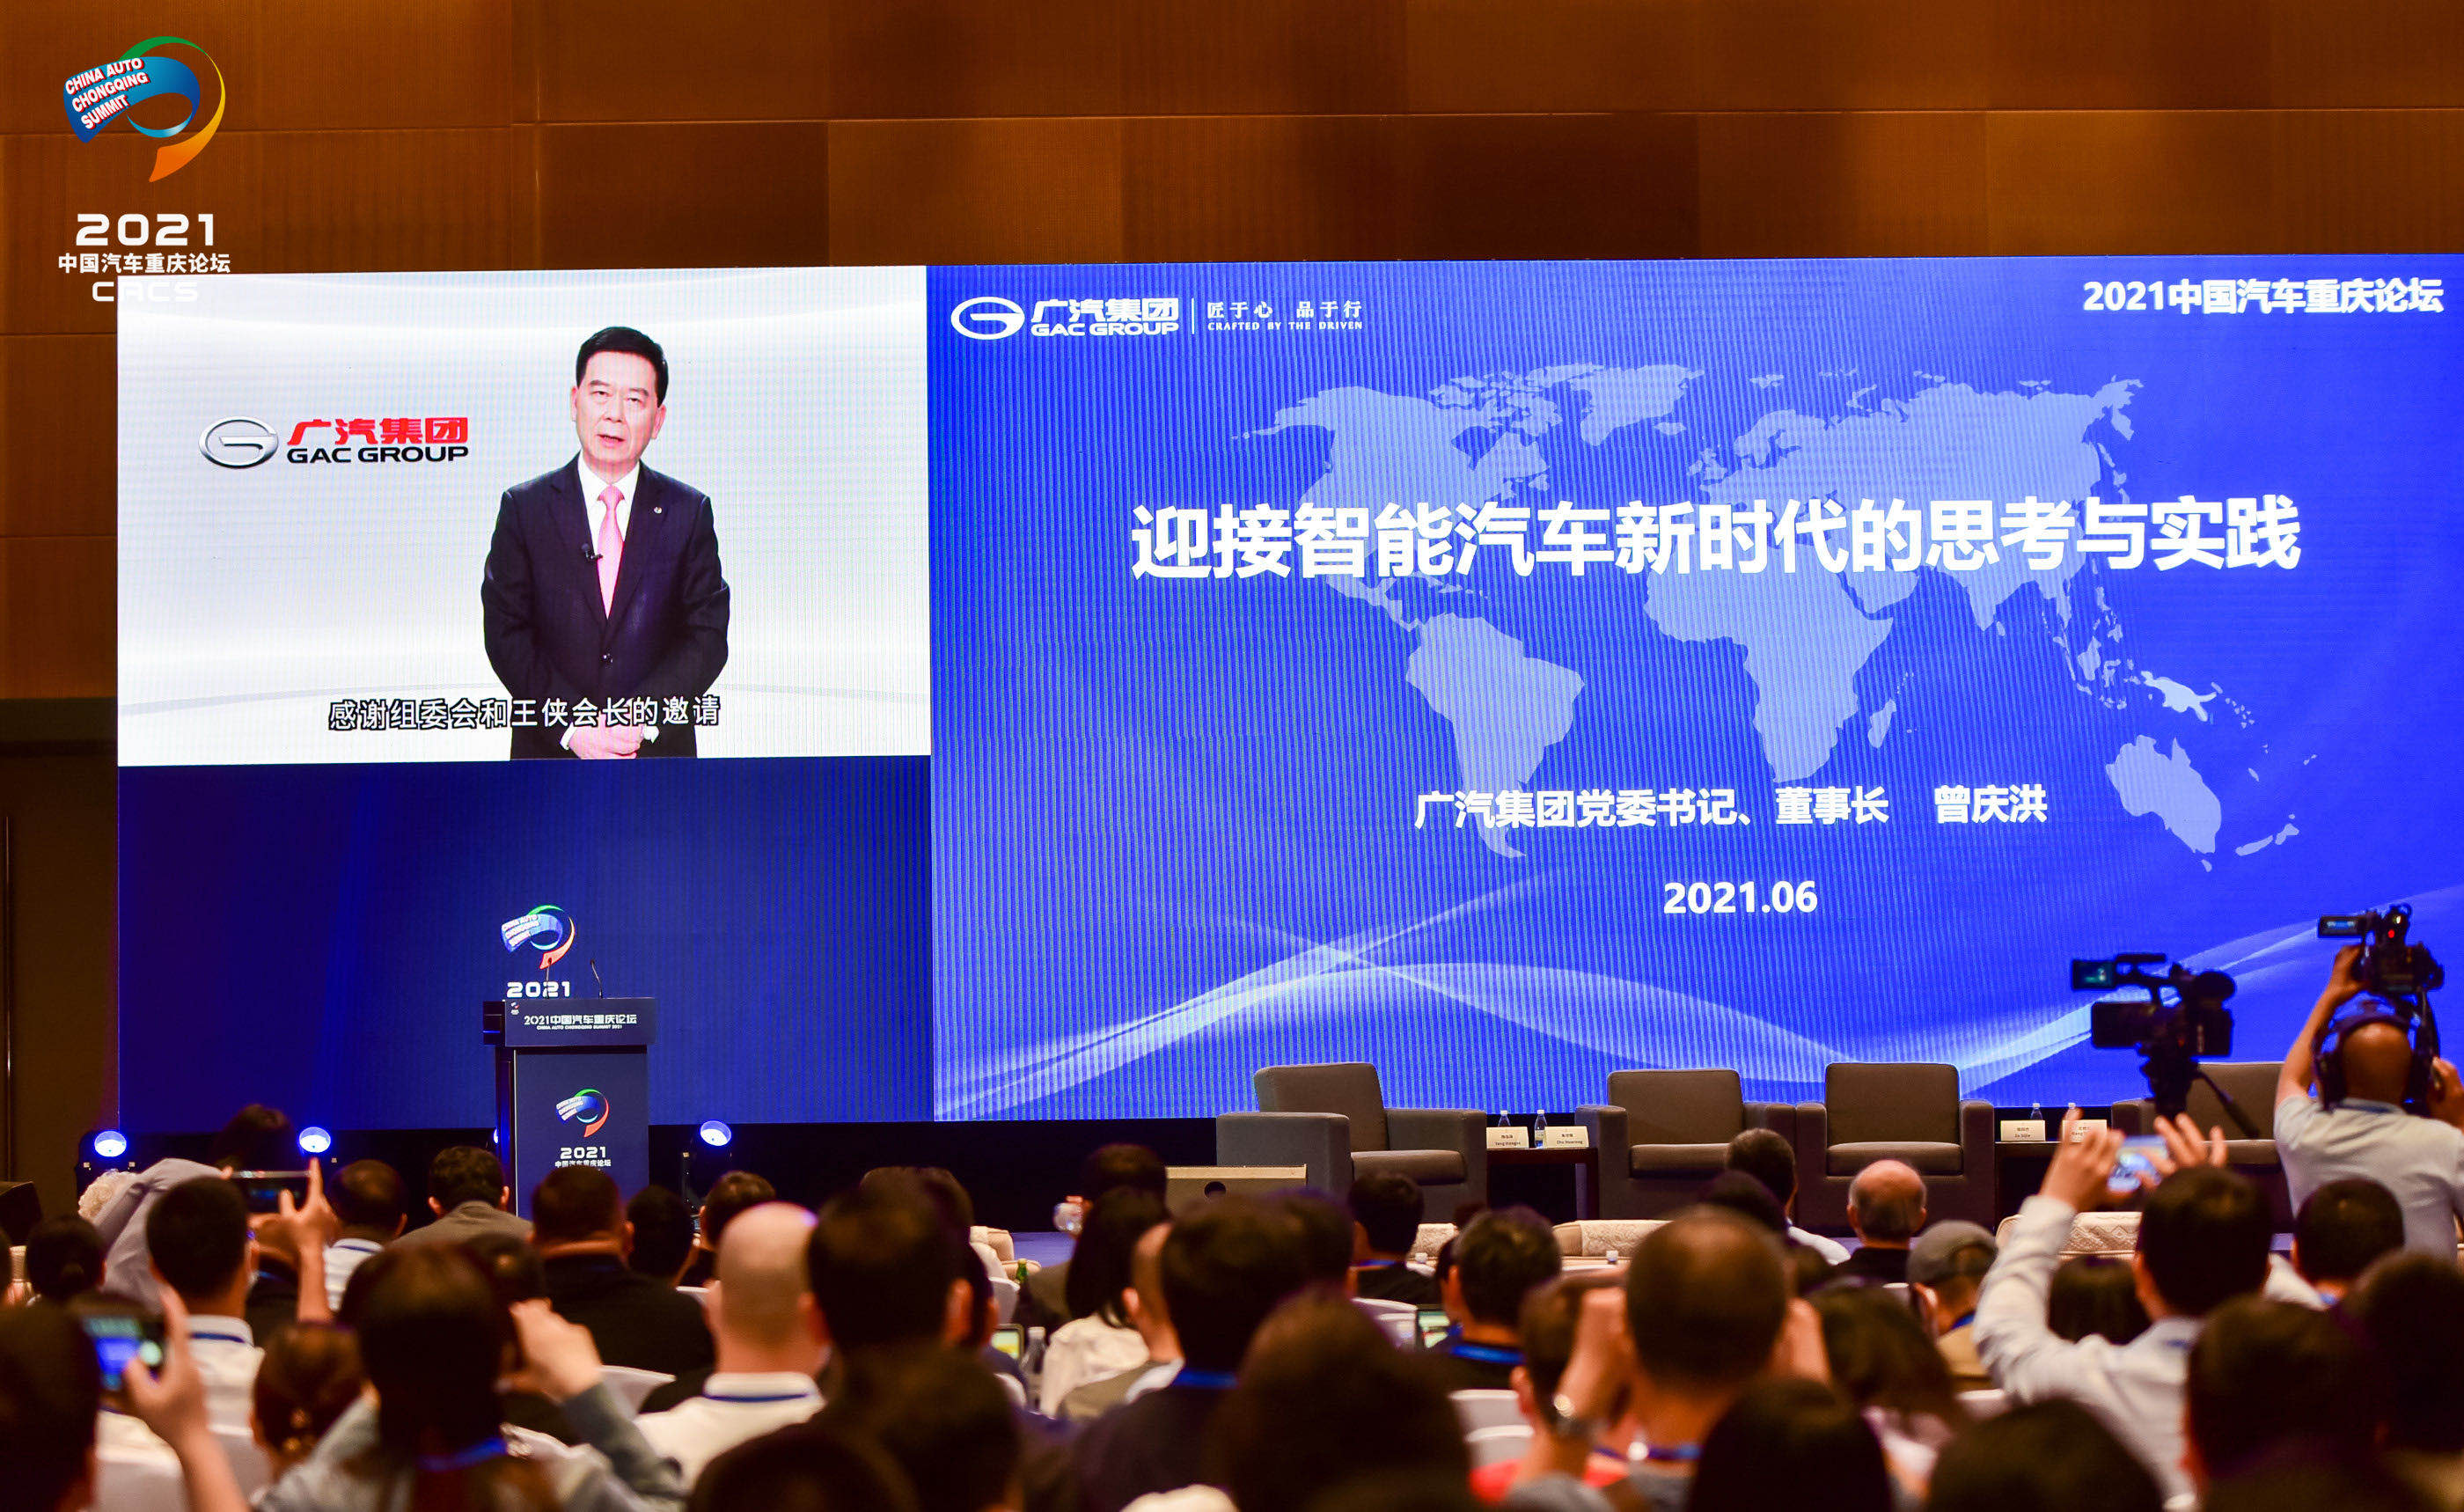 曾庆洪:建议政府鼓励和支持国产芯片企业自主创新